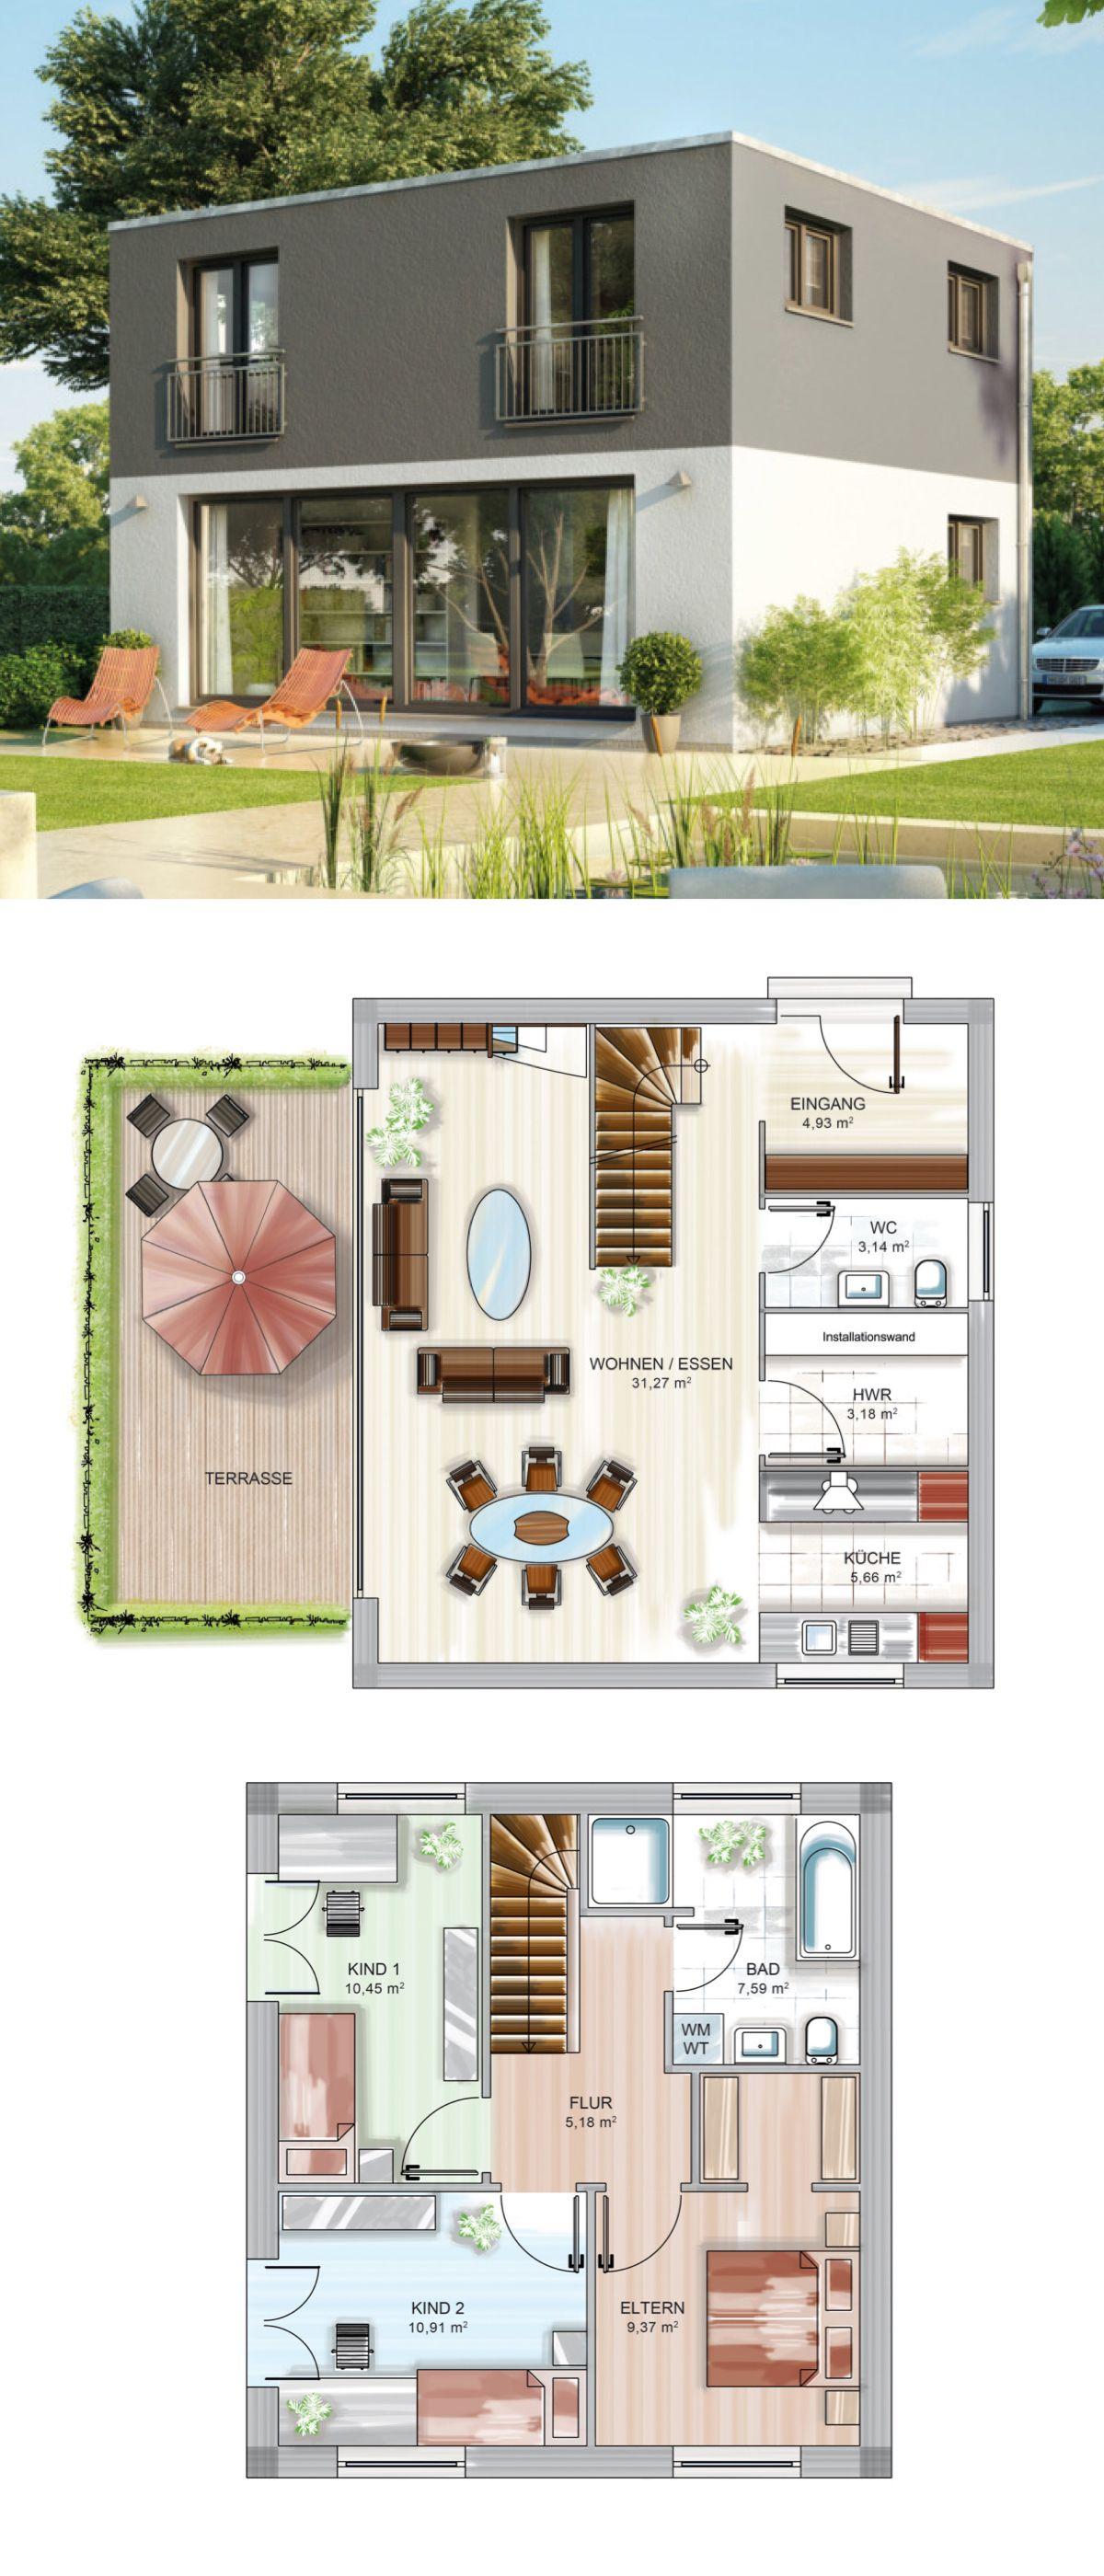 Einfamilienhaus modern mit Bauhaus-Architektur - Fertighaus ...